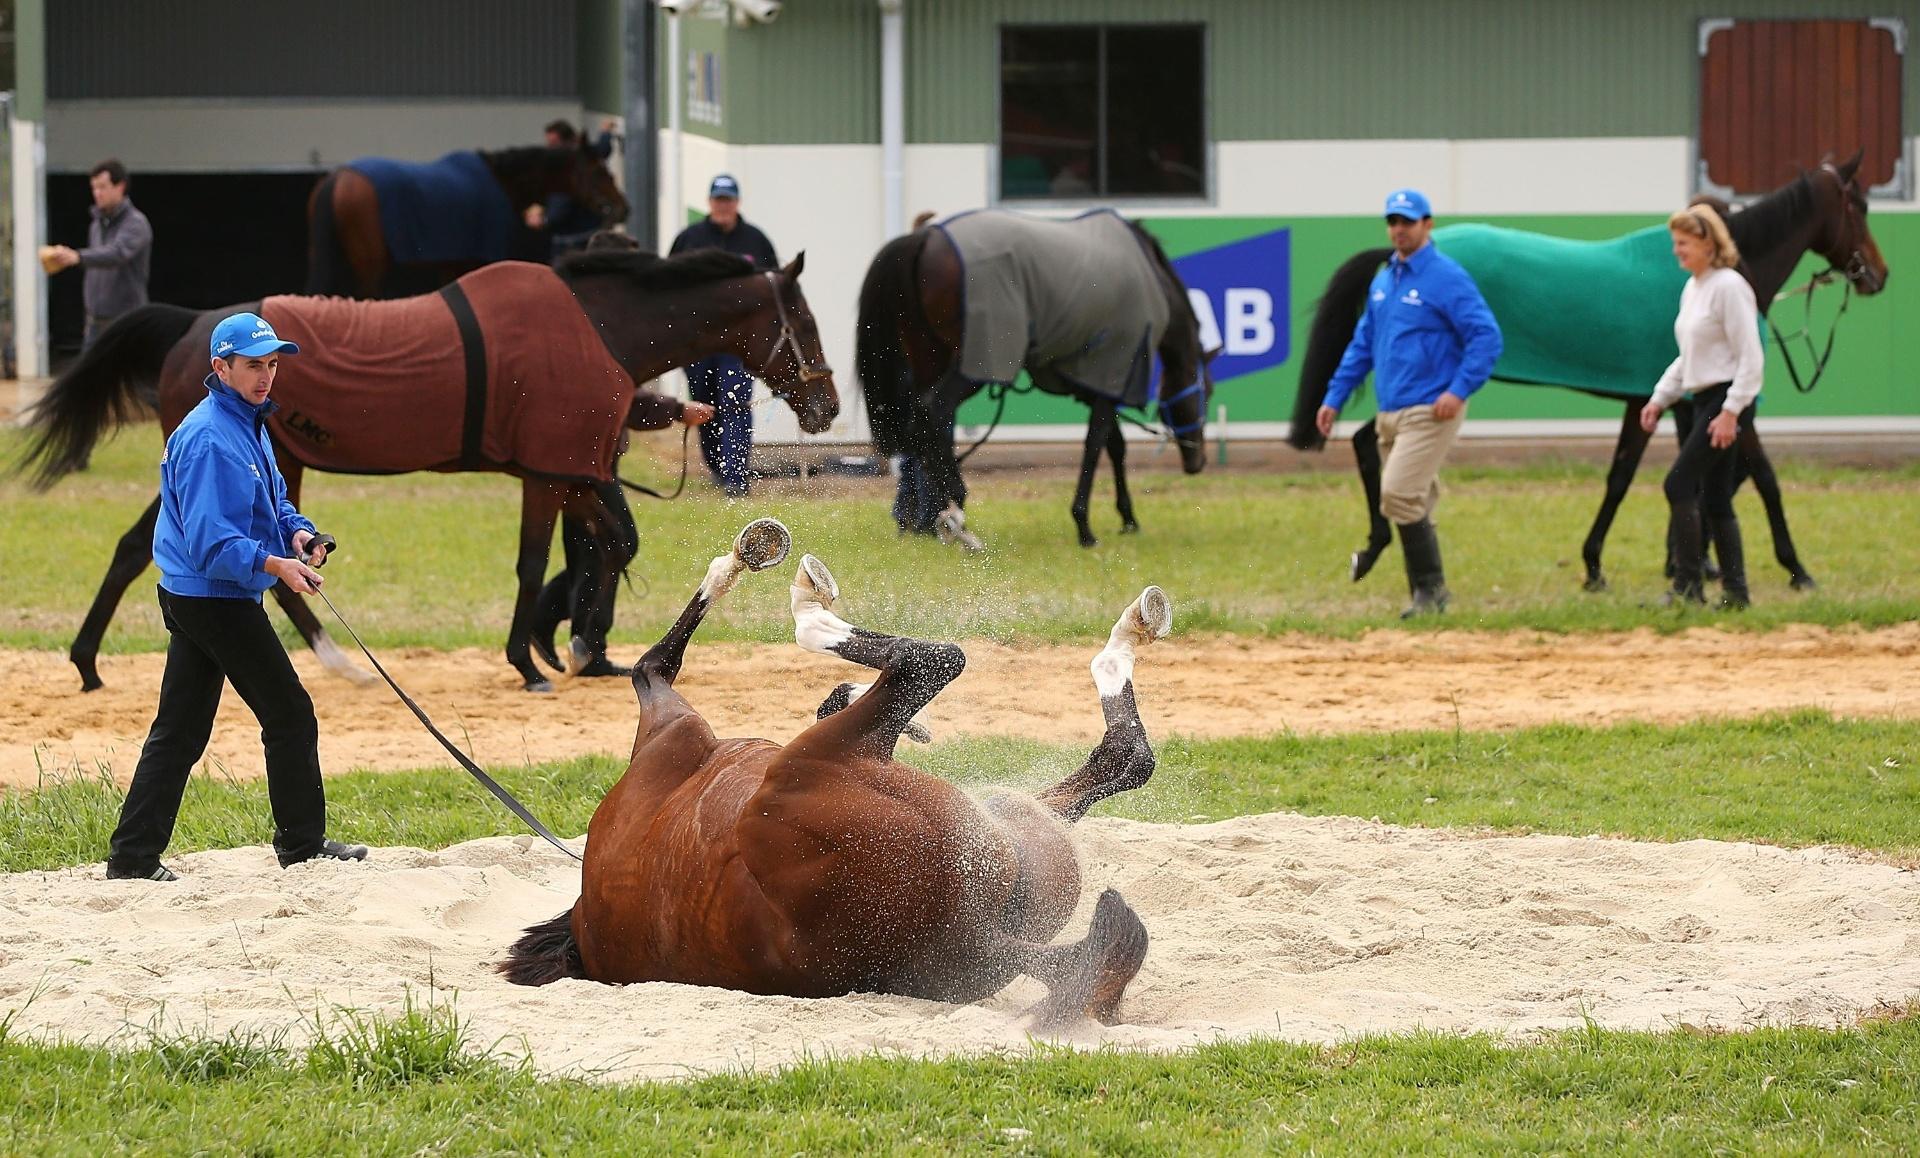 Cavalo espoja na areia após treinamento durante evento do Victoria Derby, tradicional corrida australiana de cavalos